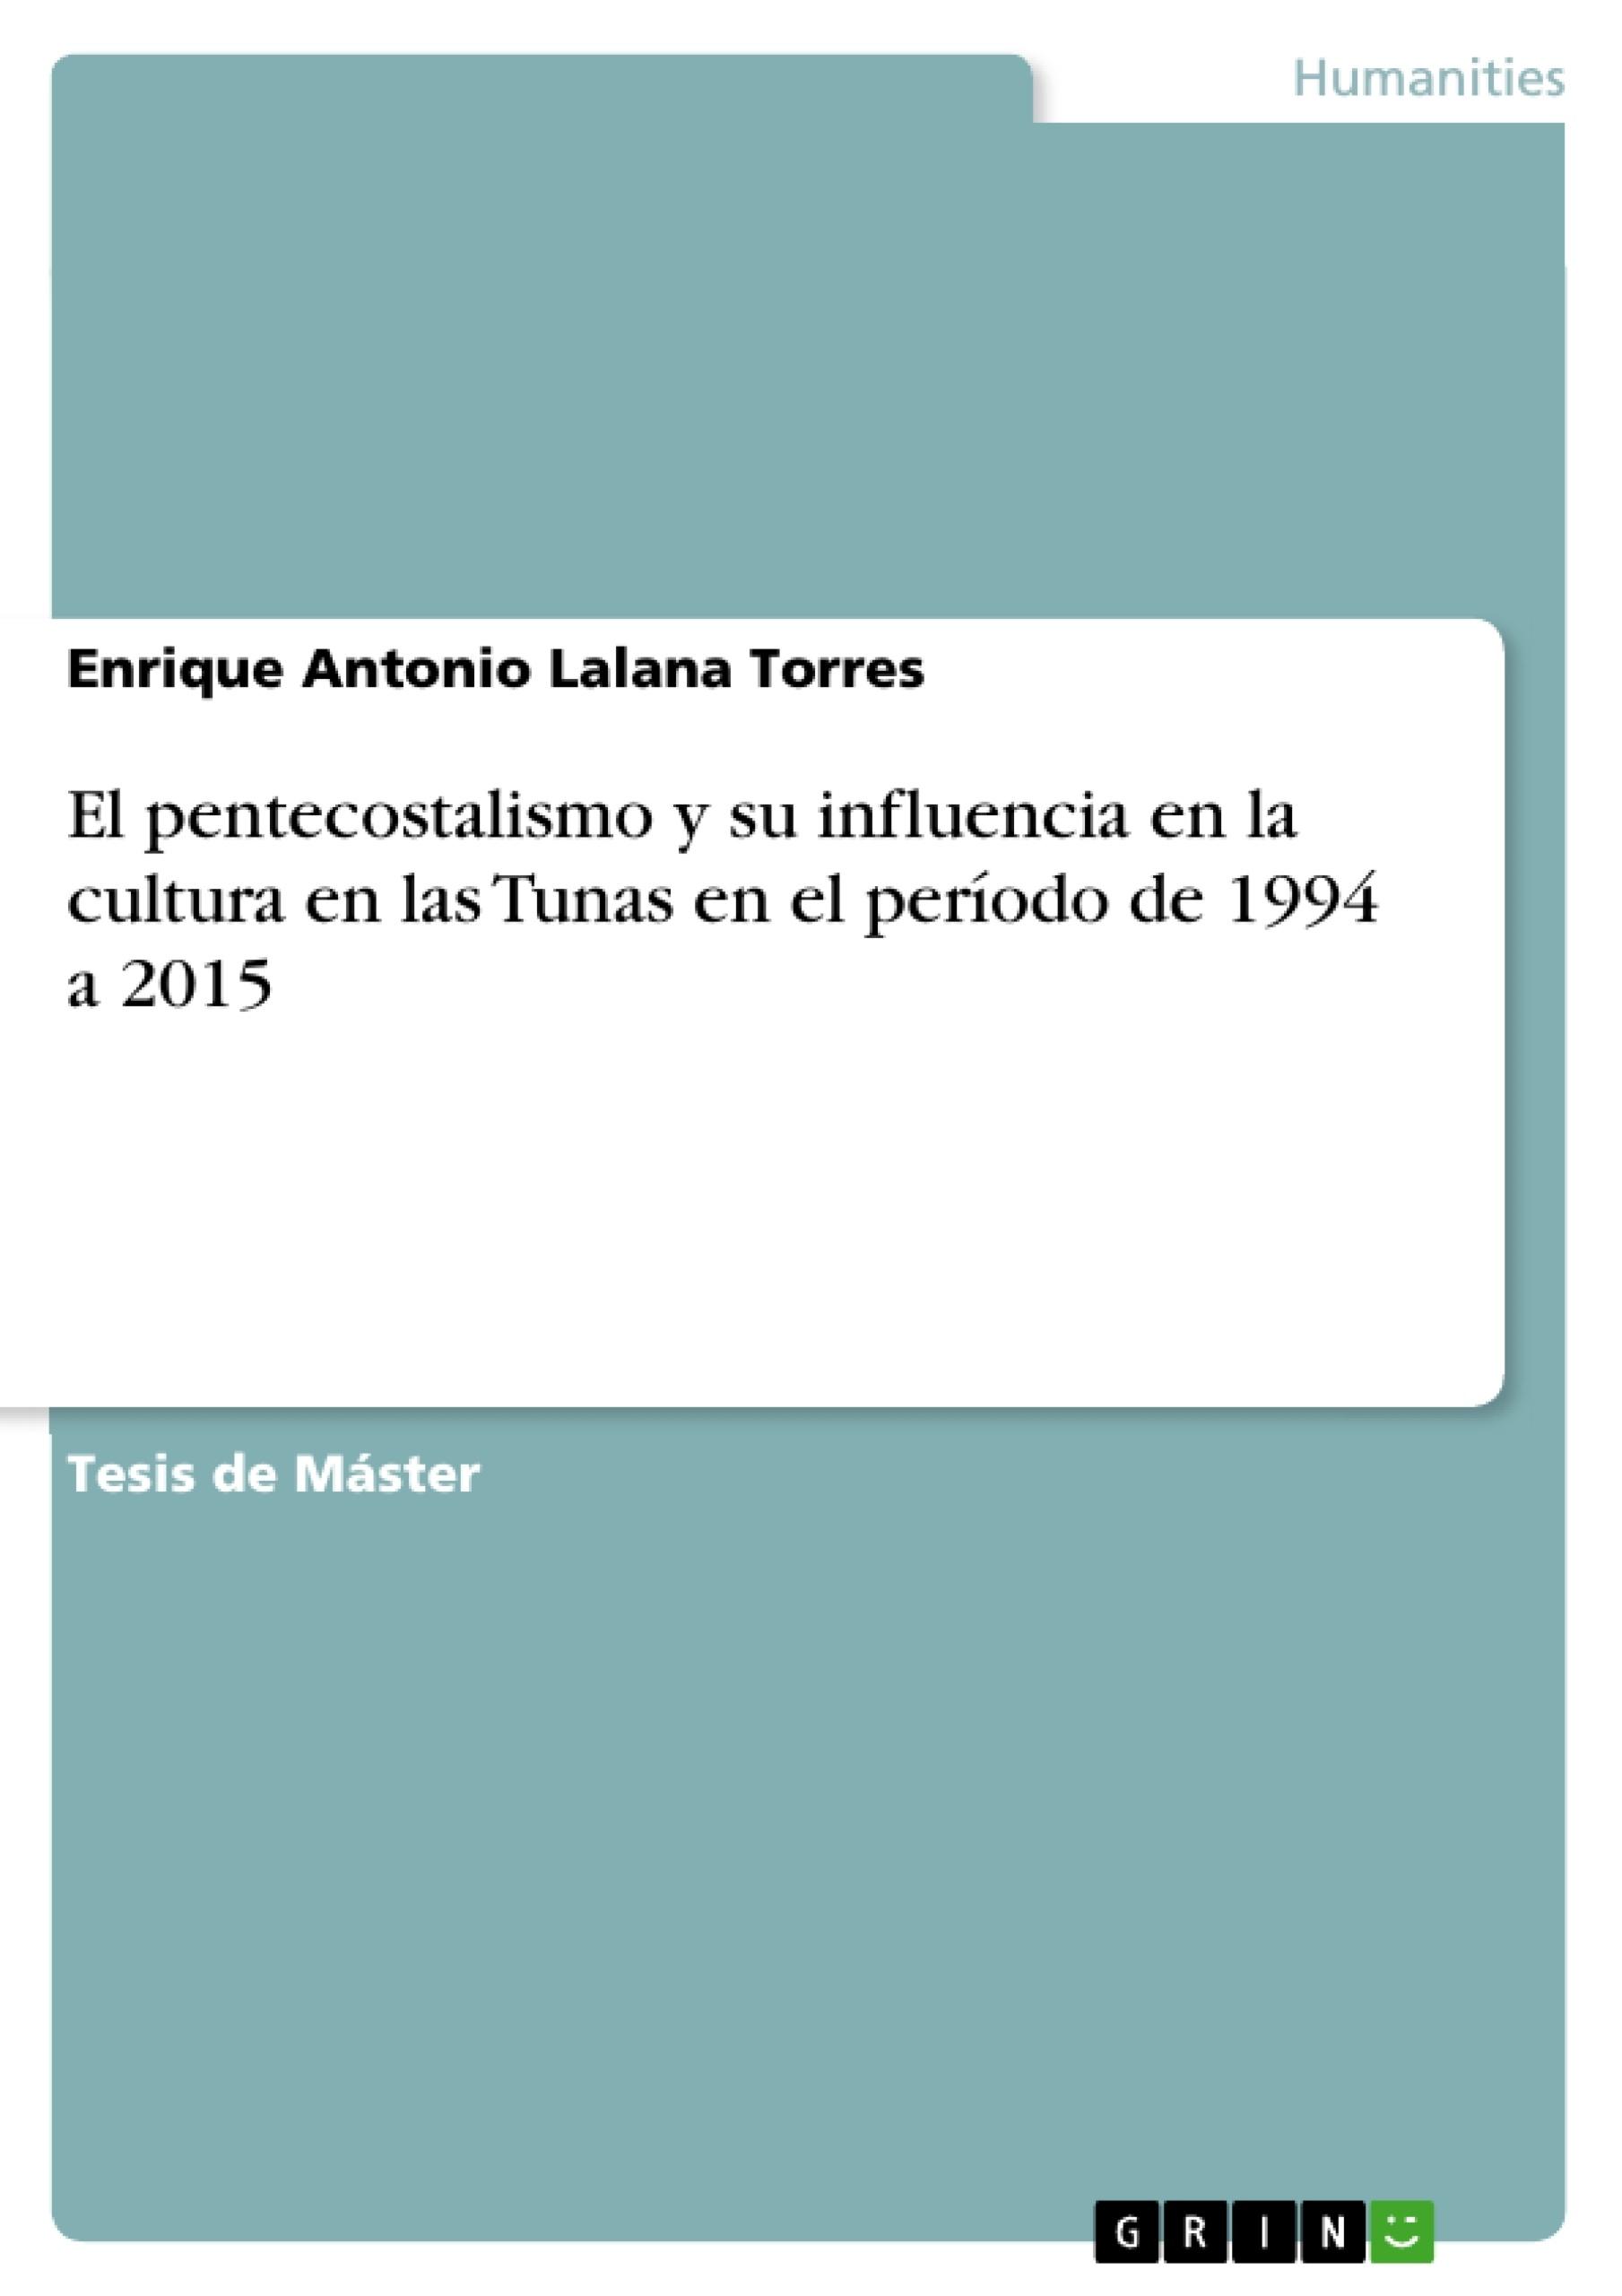 Título: El pentecostalismo y su influencia en la cultura en las Tunas en el período de 1994 a 2015